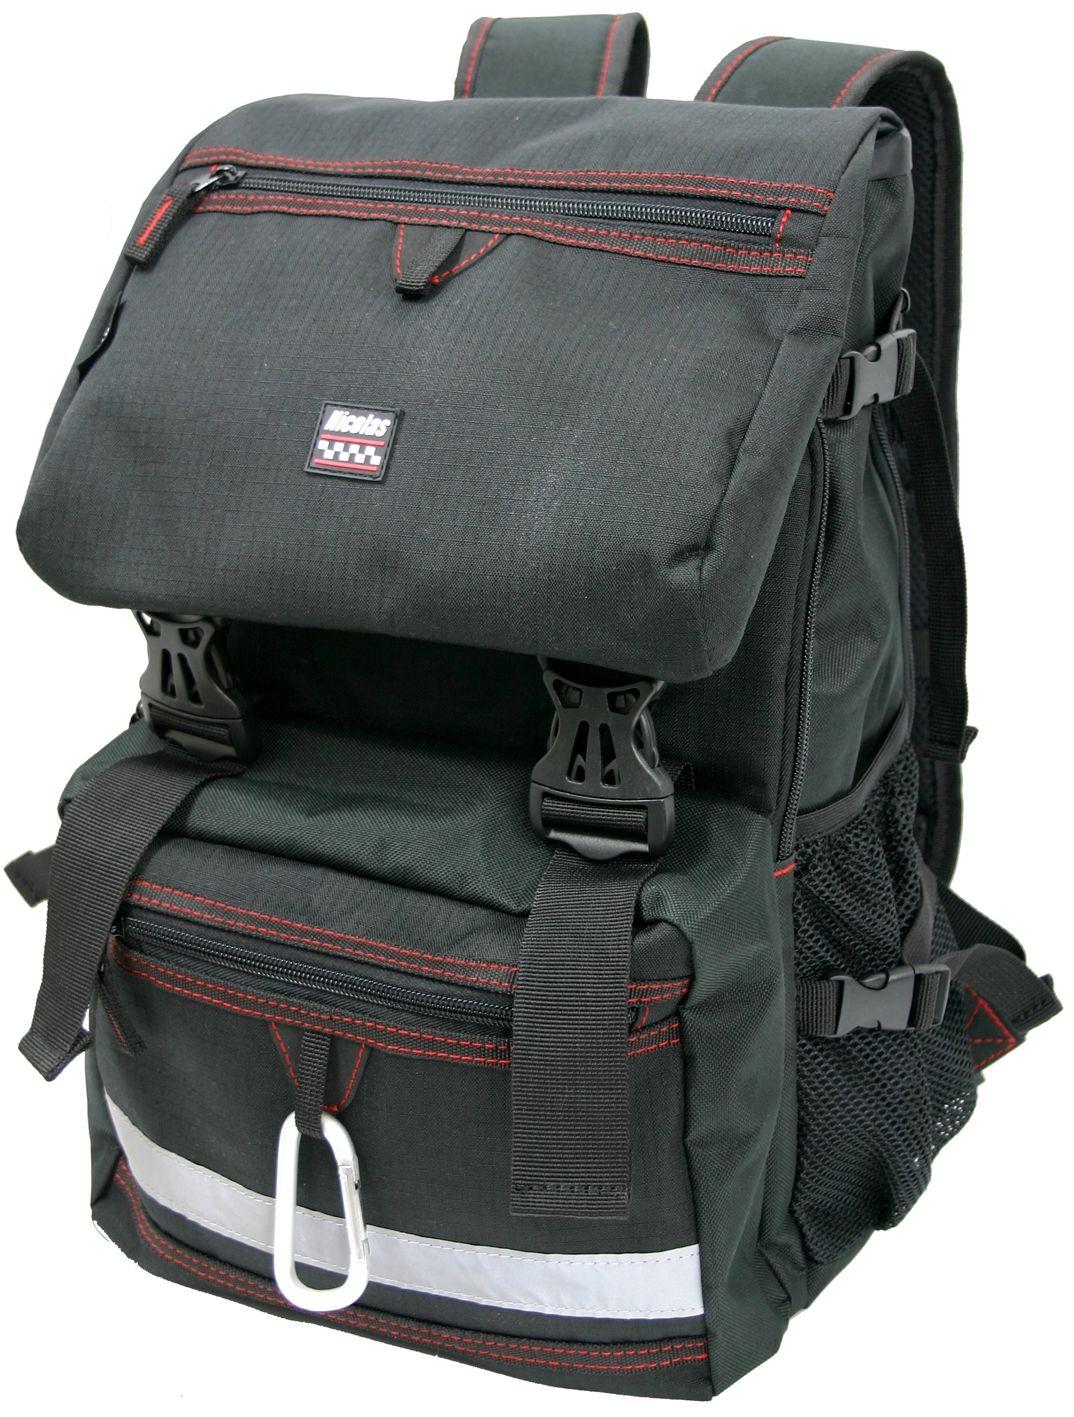 MOTOWN Adventure Backpack